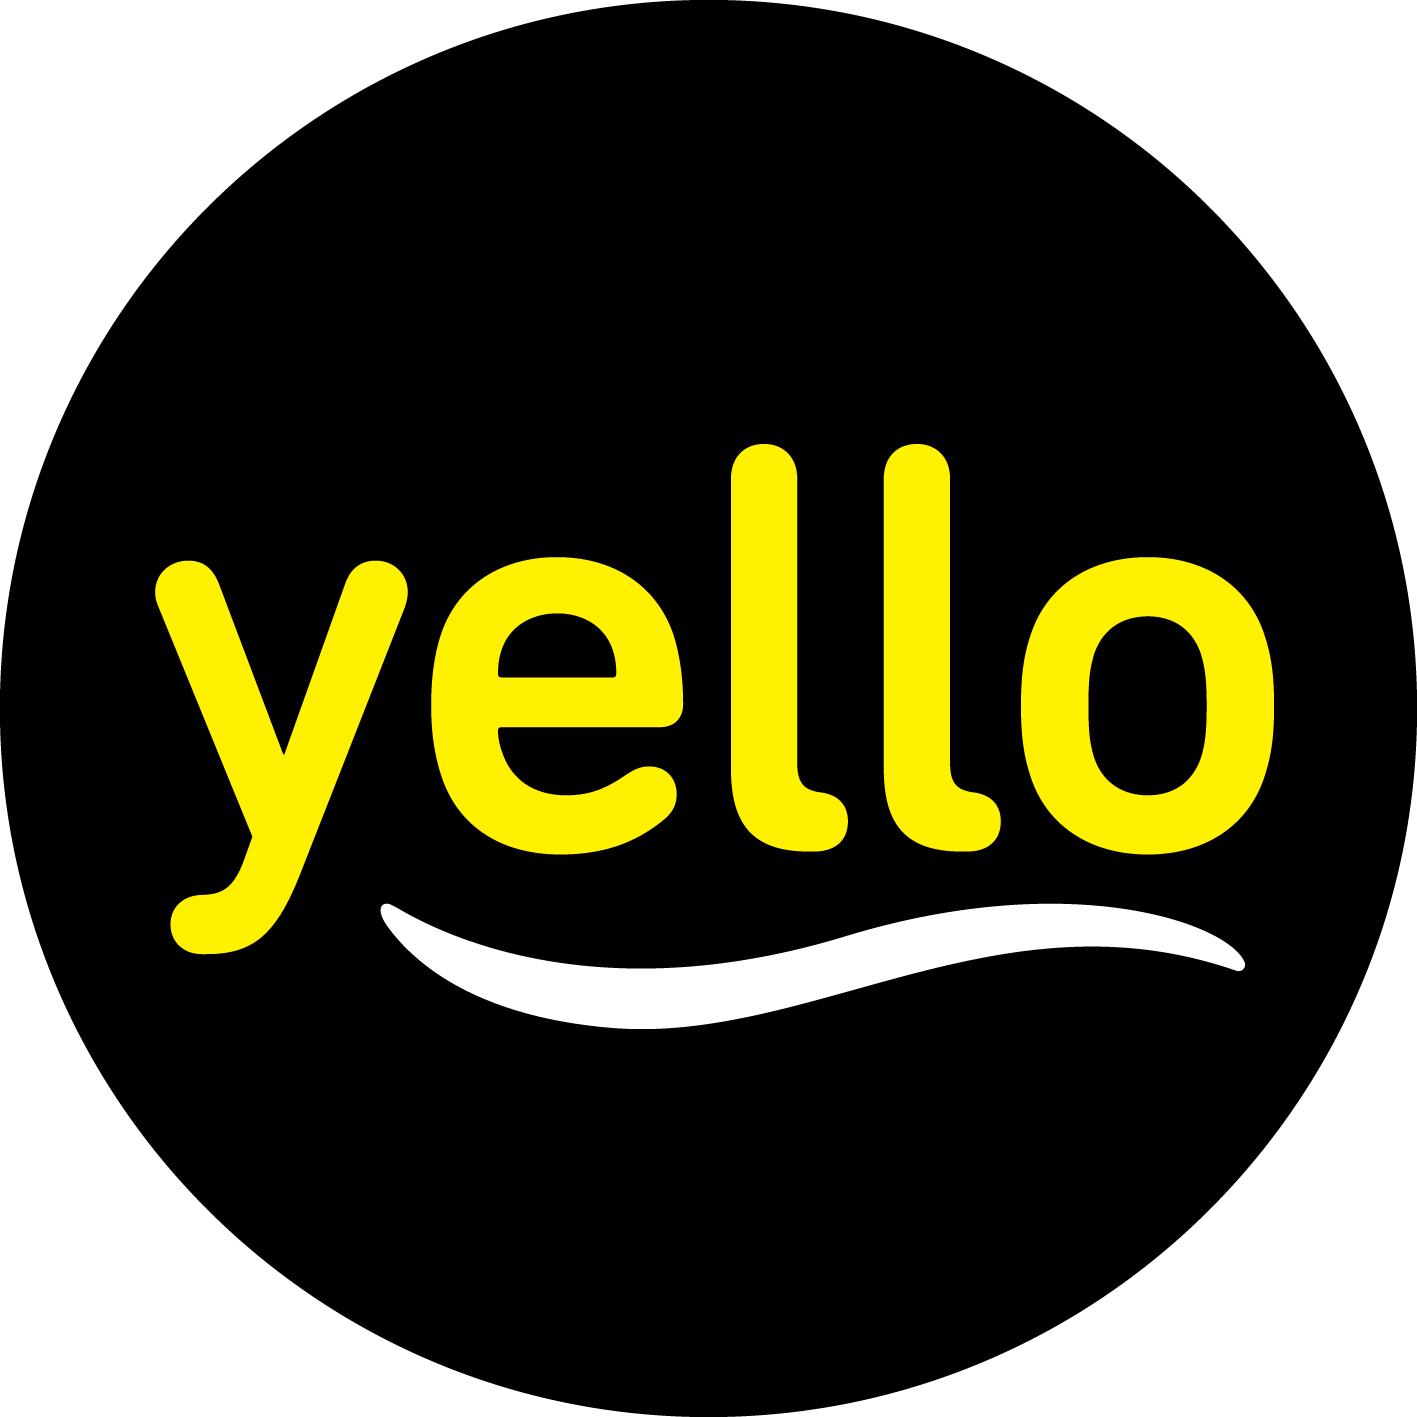 Yello Strom Aktion bei Shoop 30€ Cashback PLUS 50€ Gutschein bis 31.3